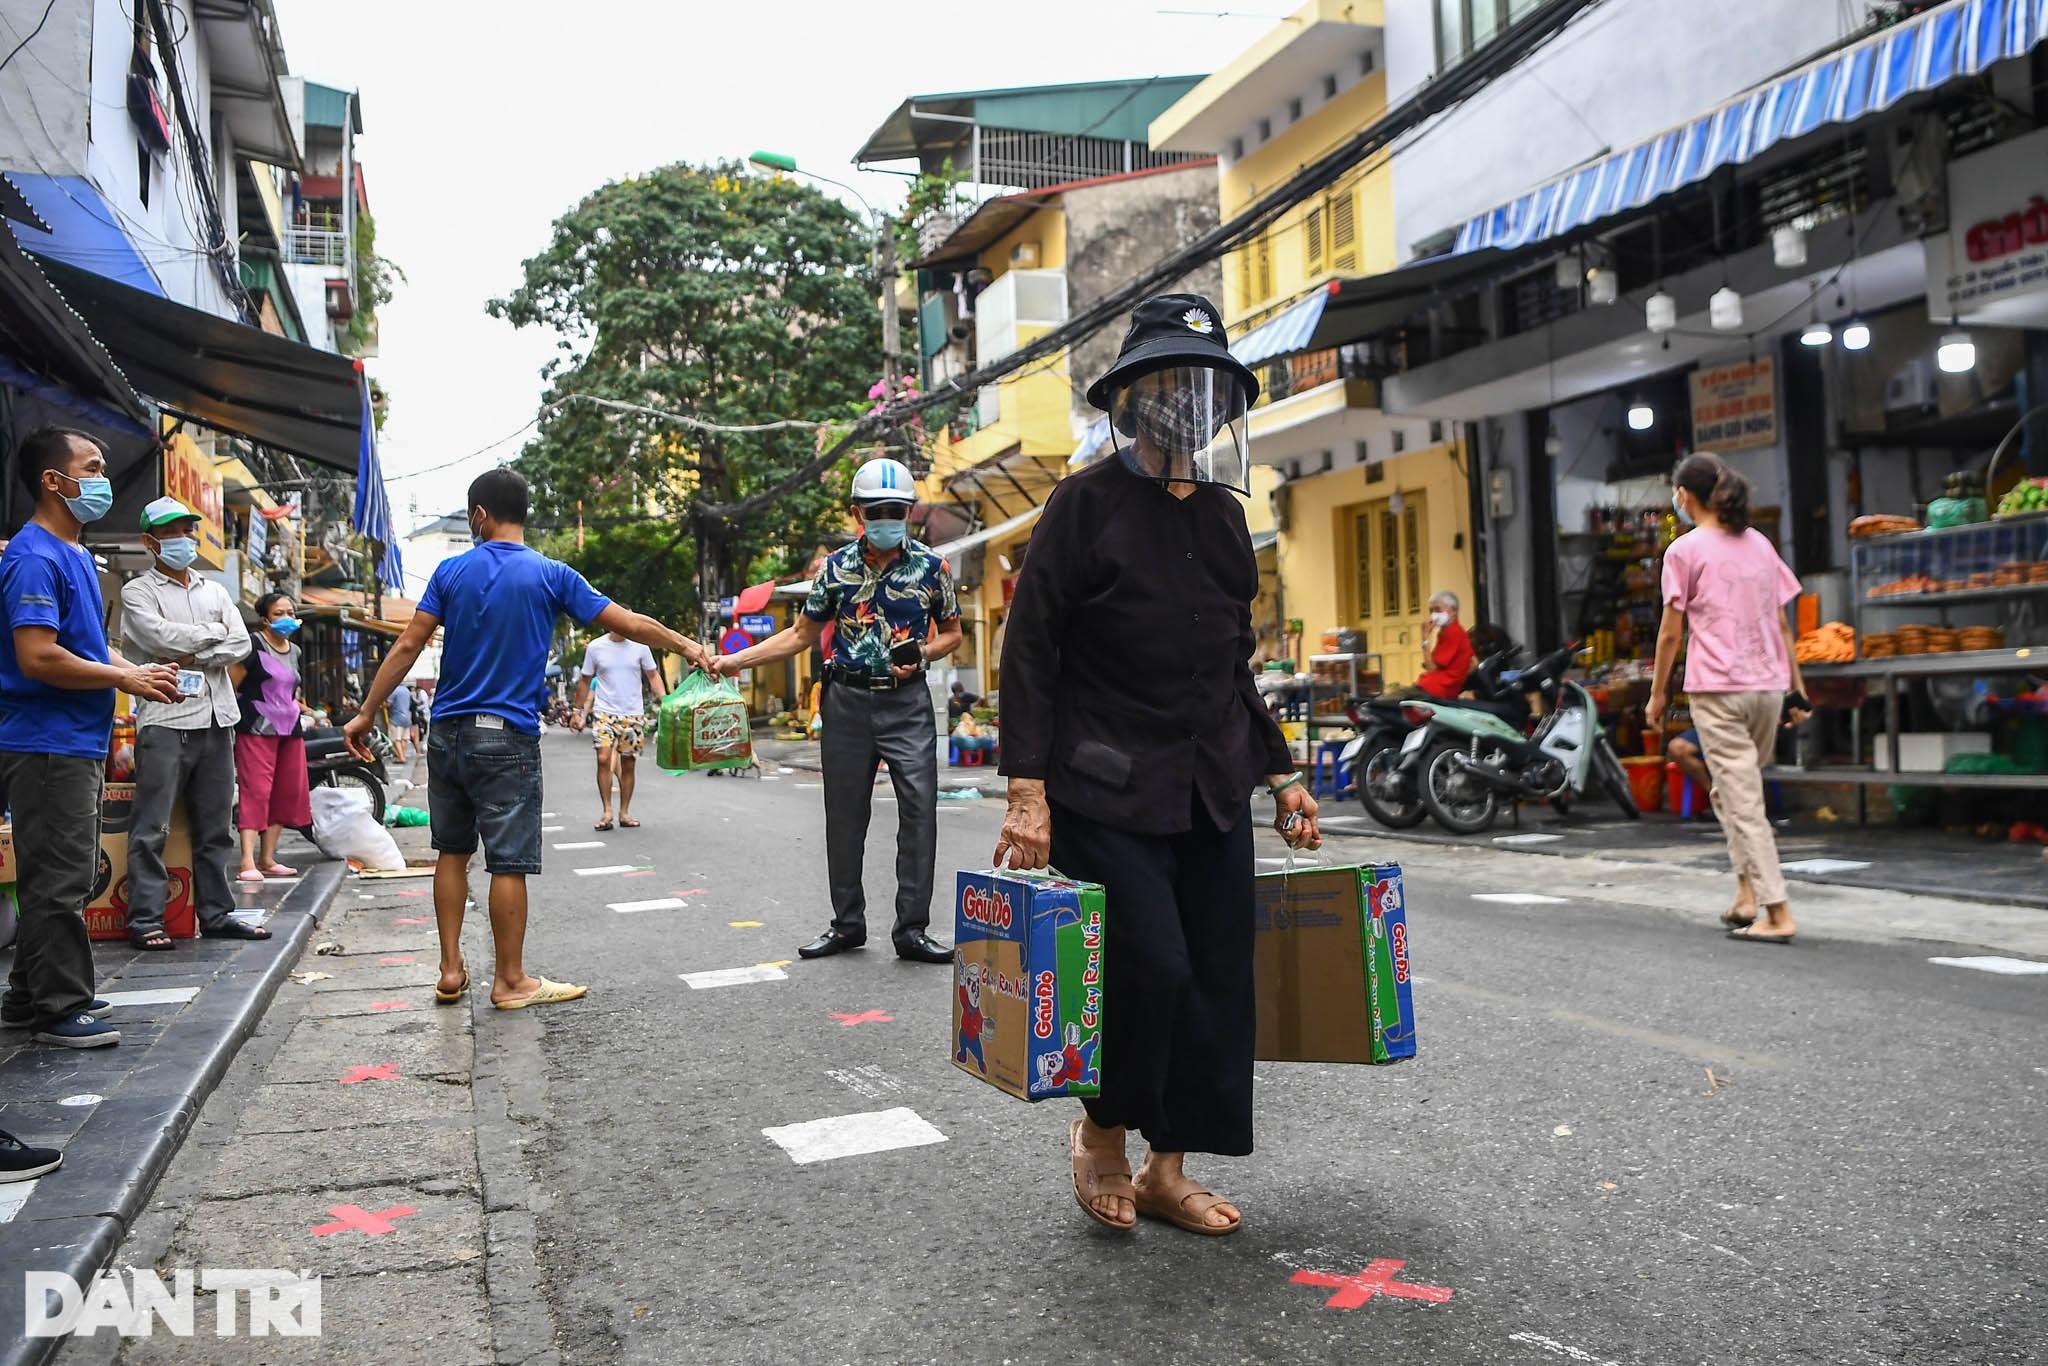 Độc đáo những phương pháp phòng dịch tại các chợ dân sinh ở Hà Nội - 15